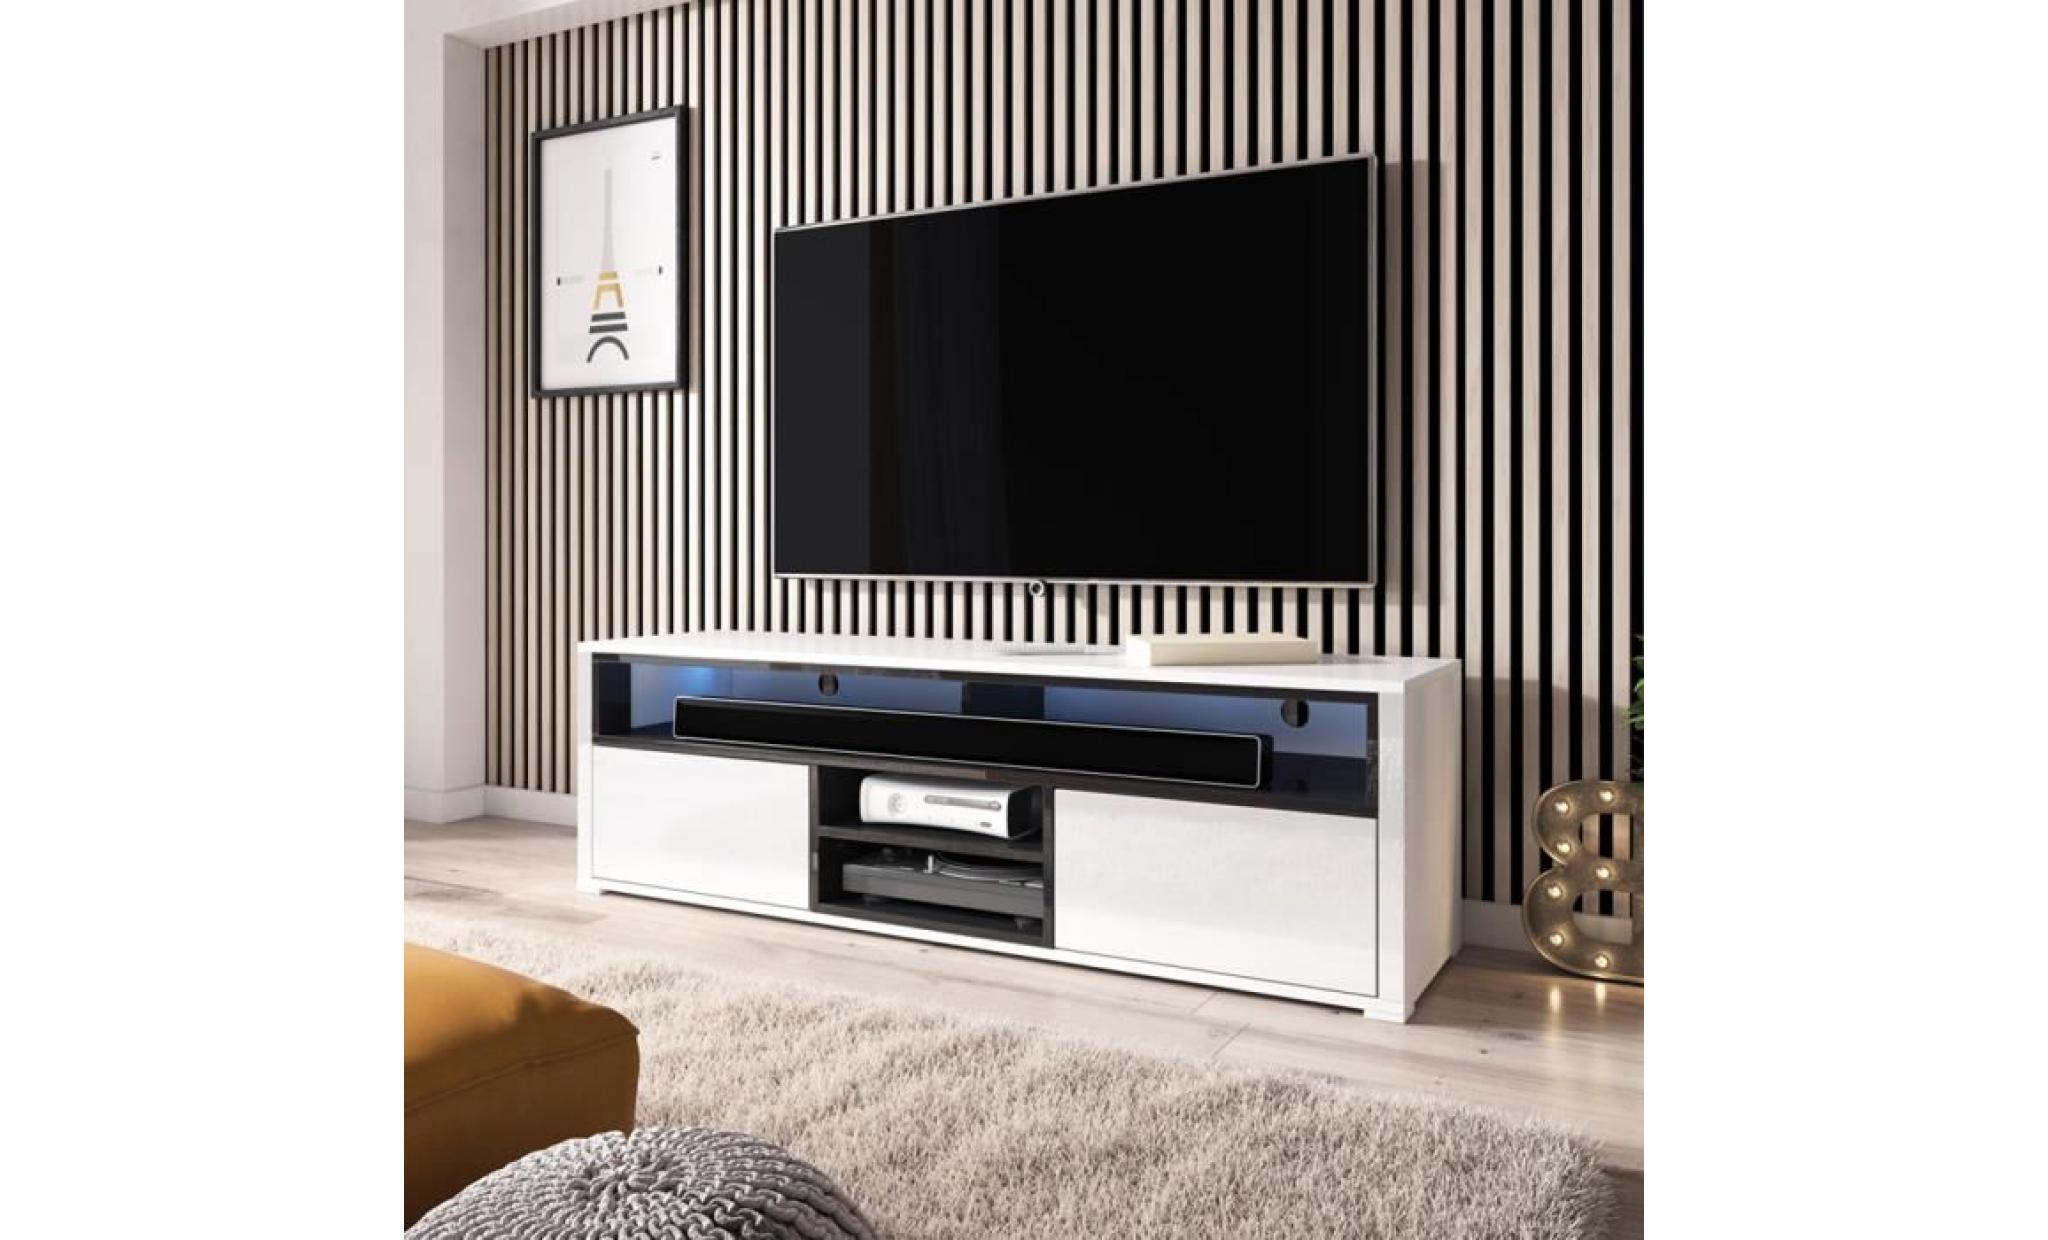 Meuble Tv Meuble De Salon Mario 137 Cm Blanc Mat Noir Brillant Avec Led 4 Niches Ouvertes 2 Compartiments Fermes